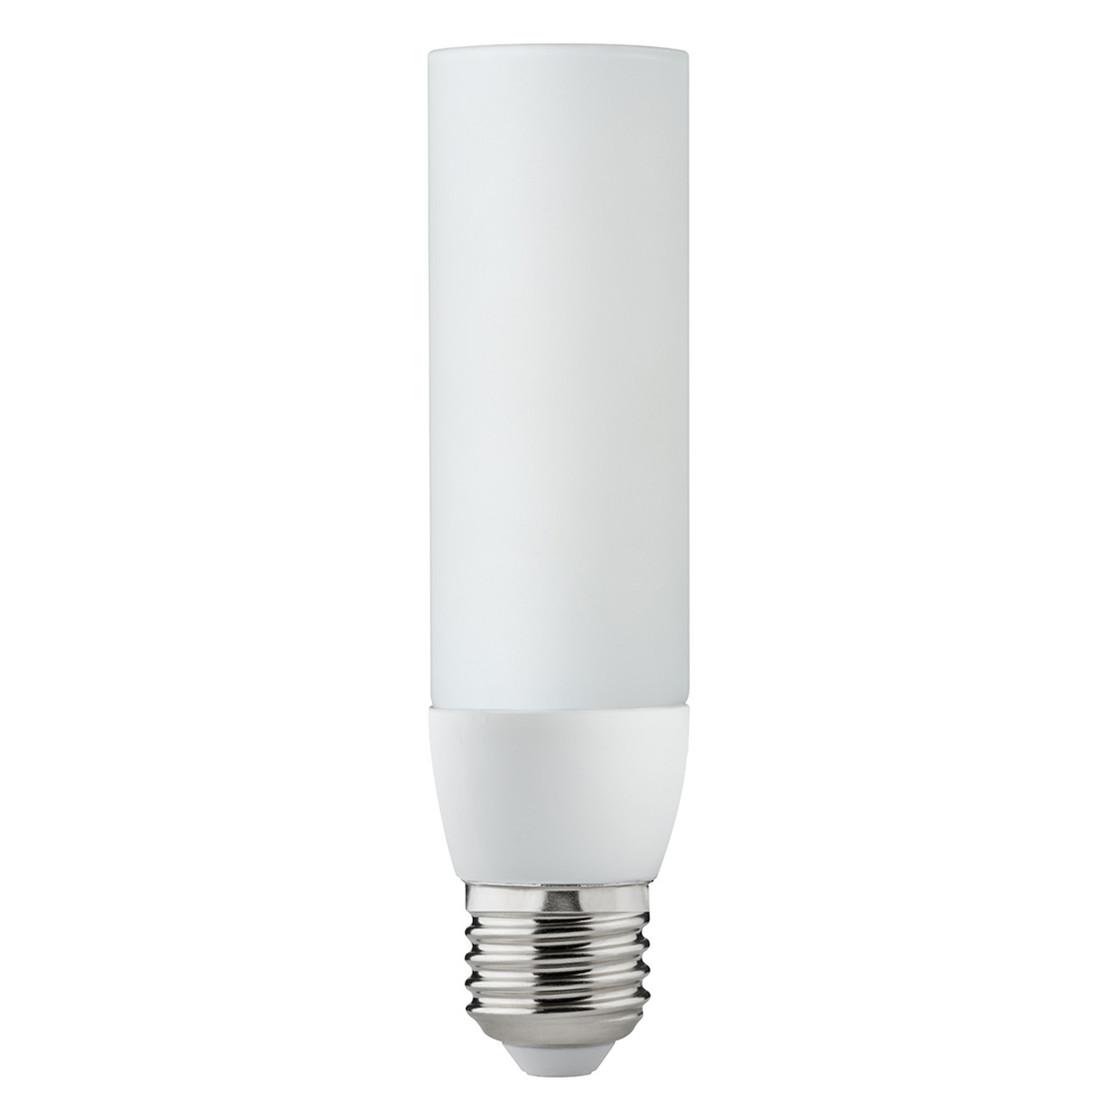 paulmann led decopipe 5 5w e27 warmweiss lampen rampe de 17 60. Black Bedroom Furniture Sets. Home Design Ideas